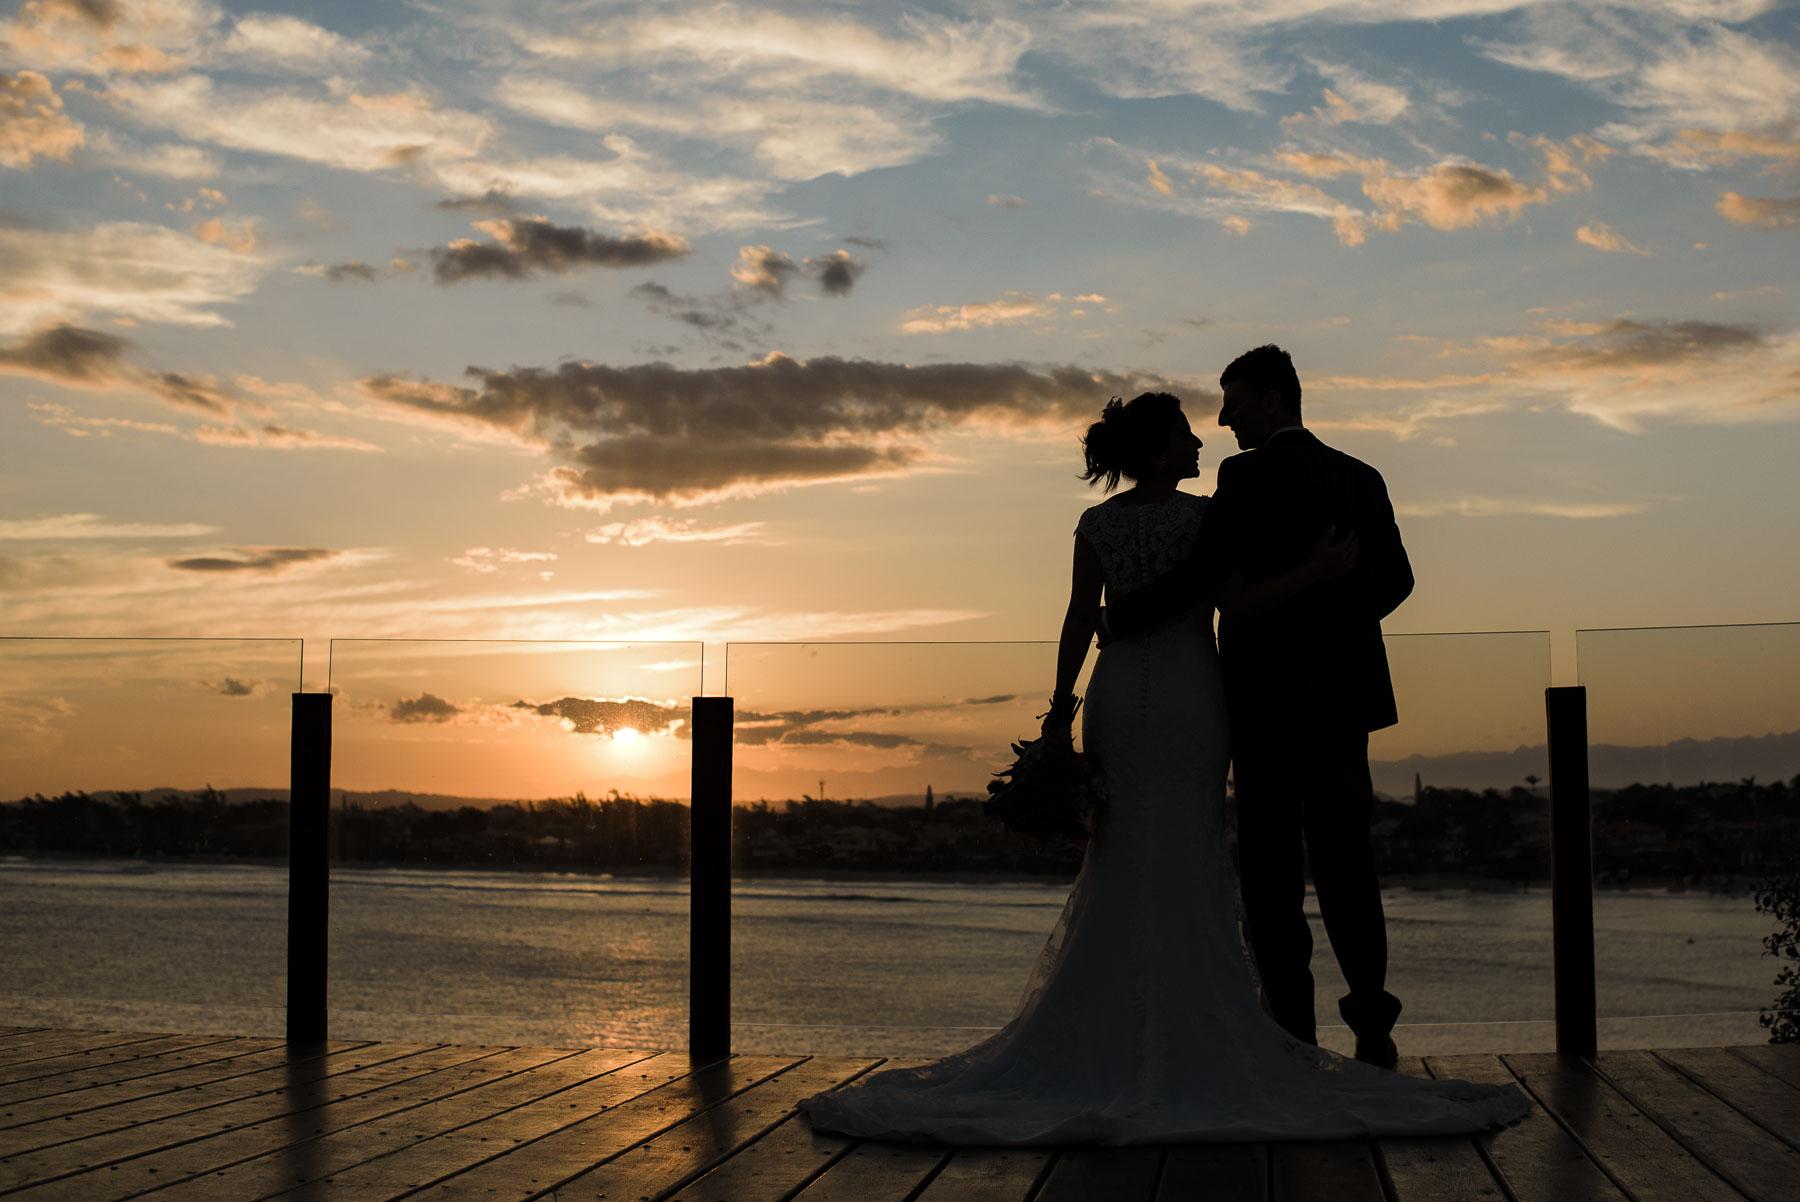 Brésil Elopement Portrait de mariage de la mariée et le marié | ce portrait a été pris avec le magnifique coucher de soleil inspirant